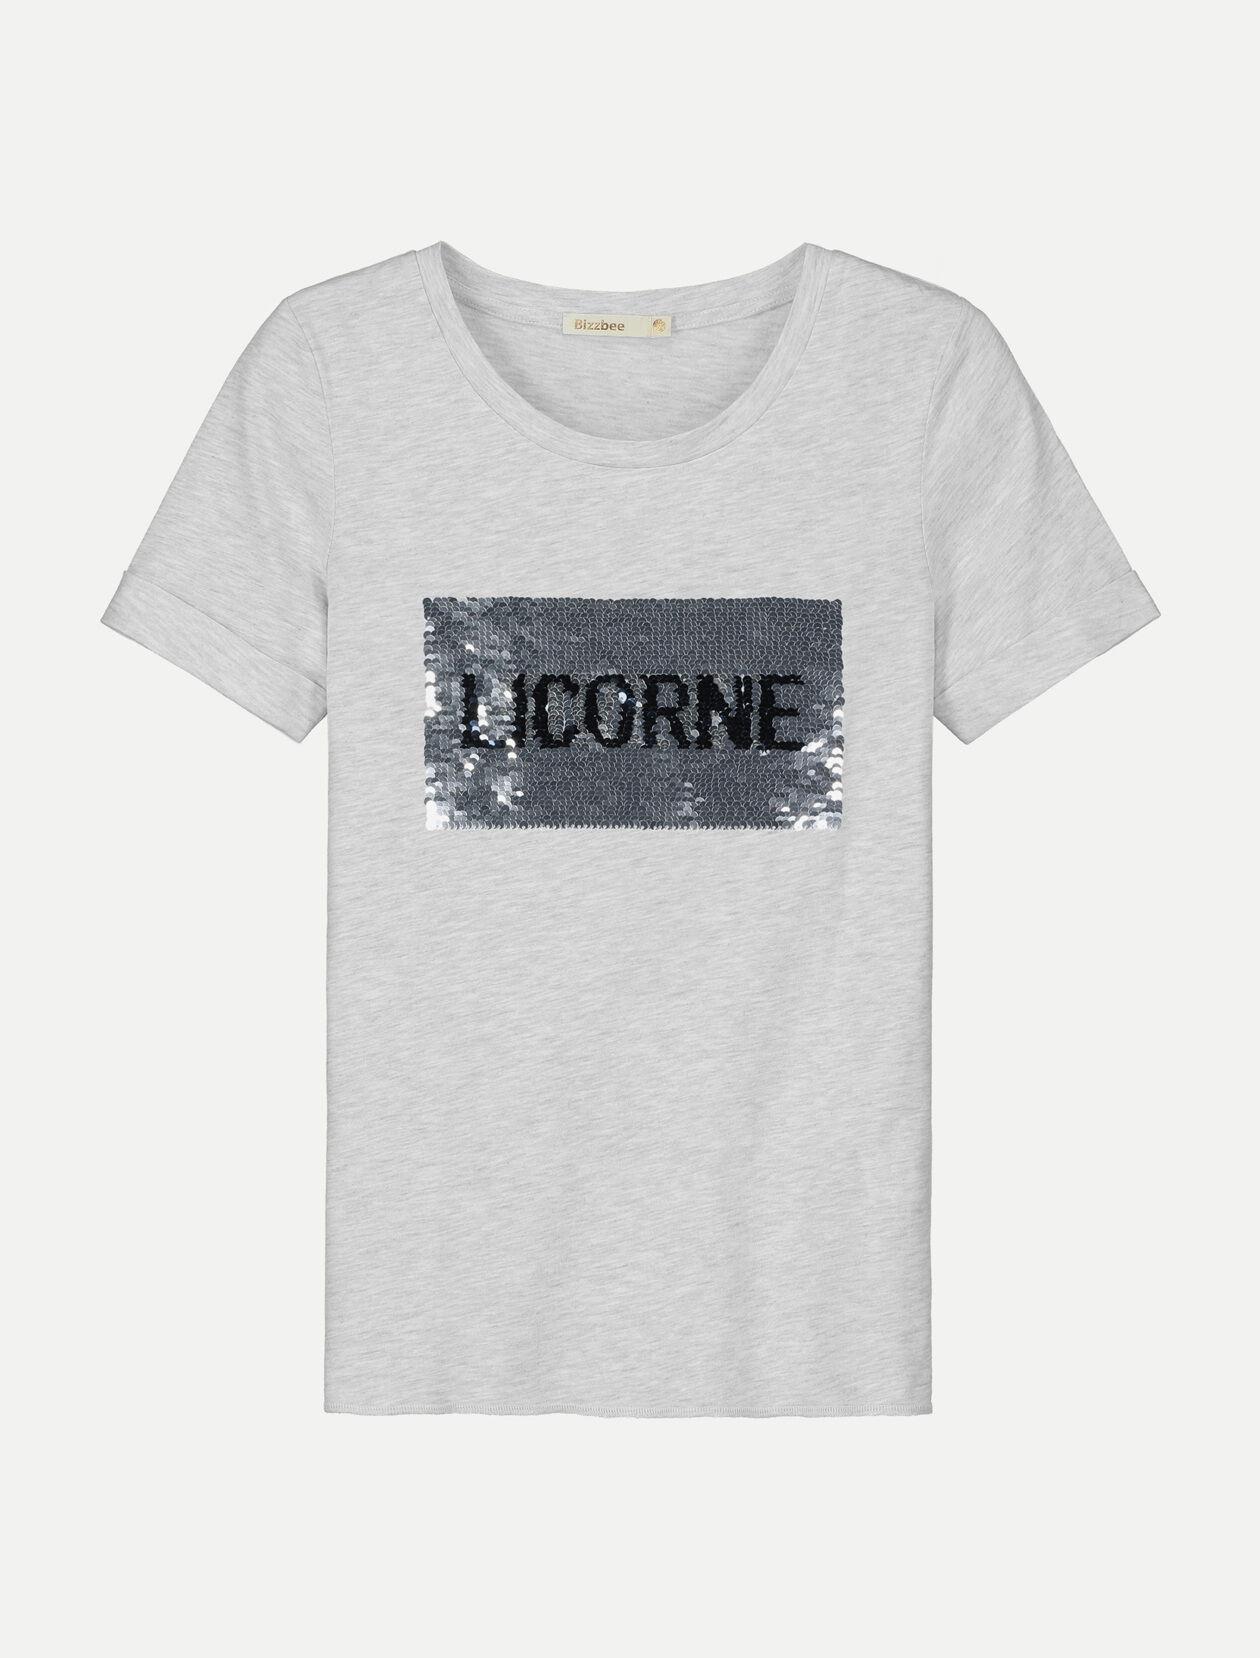 femmes Manches Shirt Reversible T Paillette Femme jUSMpzLqVG